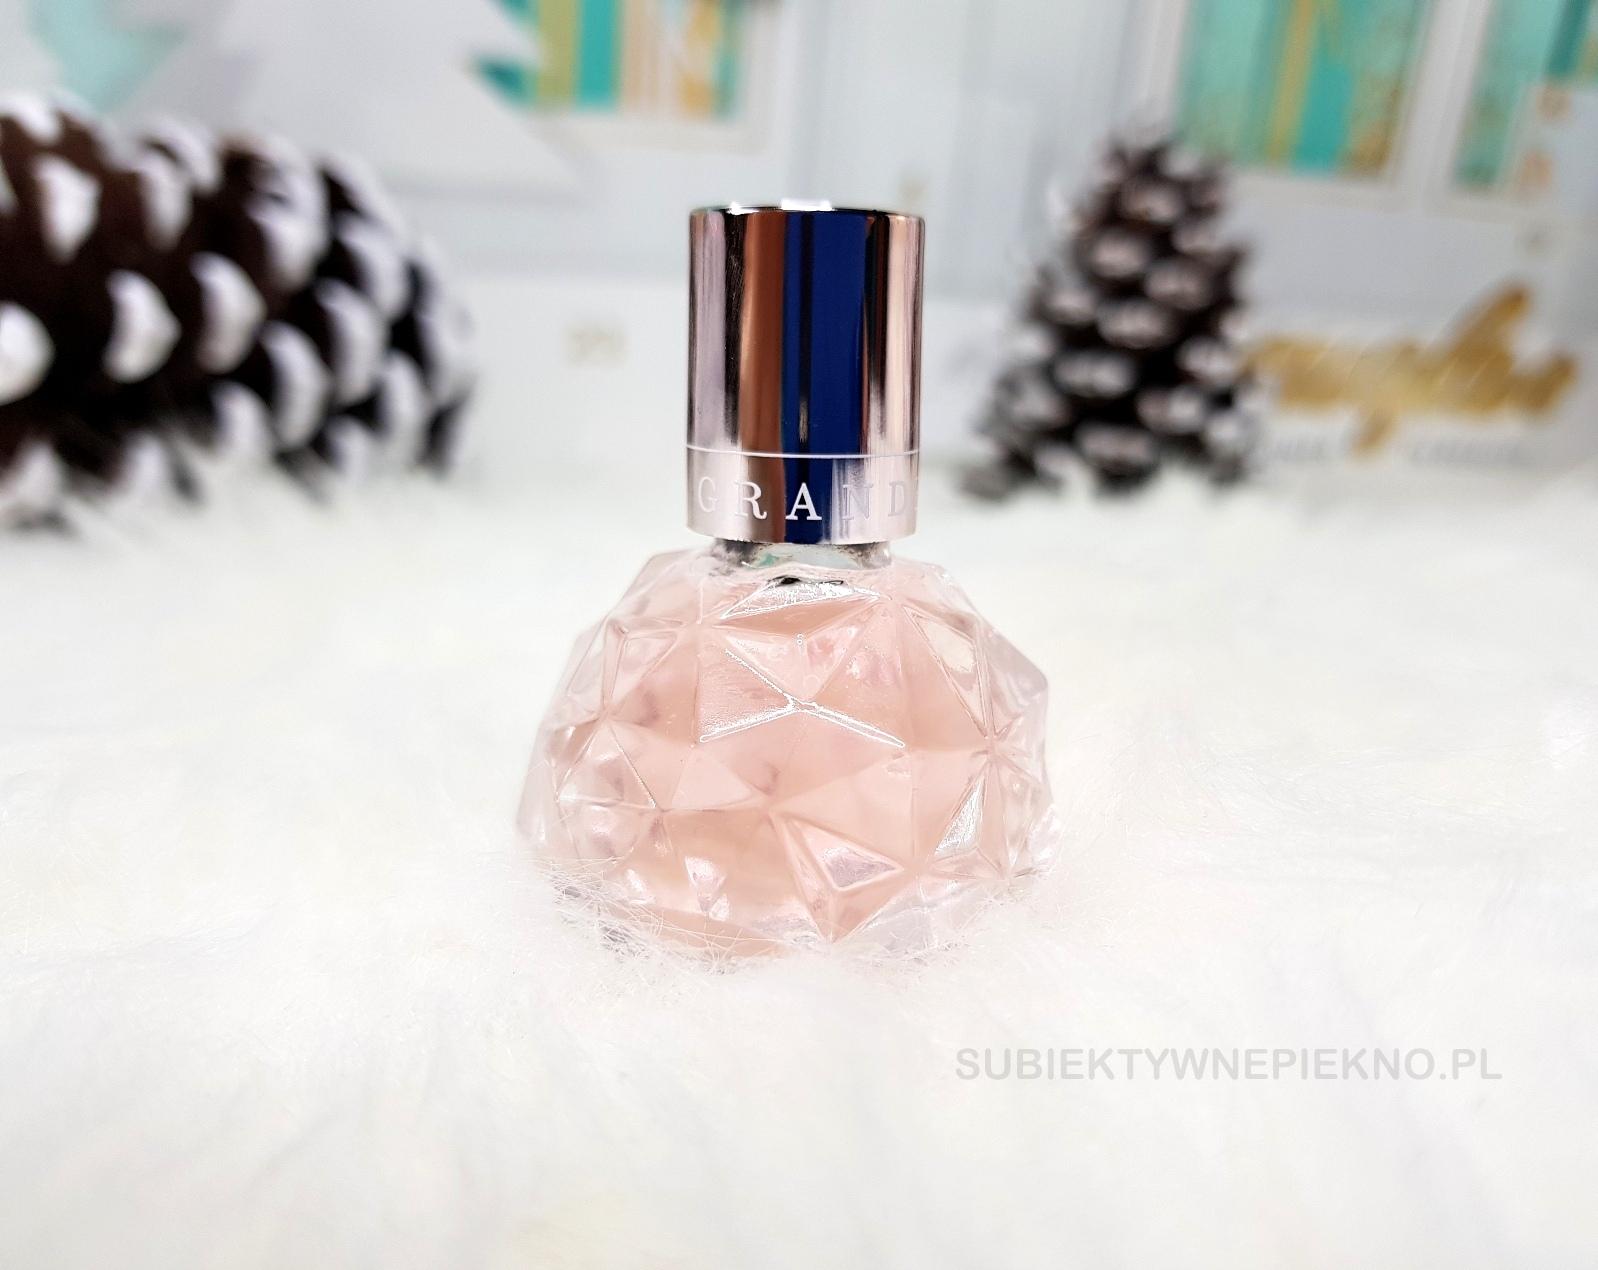 Kalendarz adwentowy Douglas dzień 10 - perfumy Ari Ariana Grande